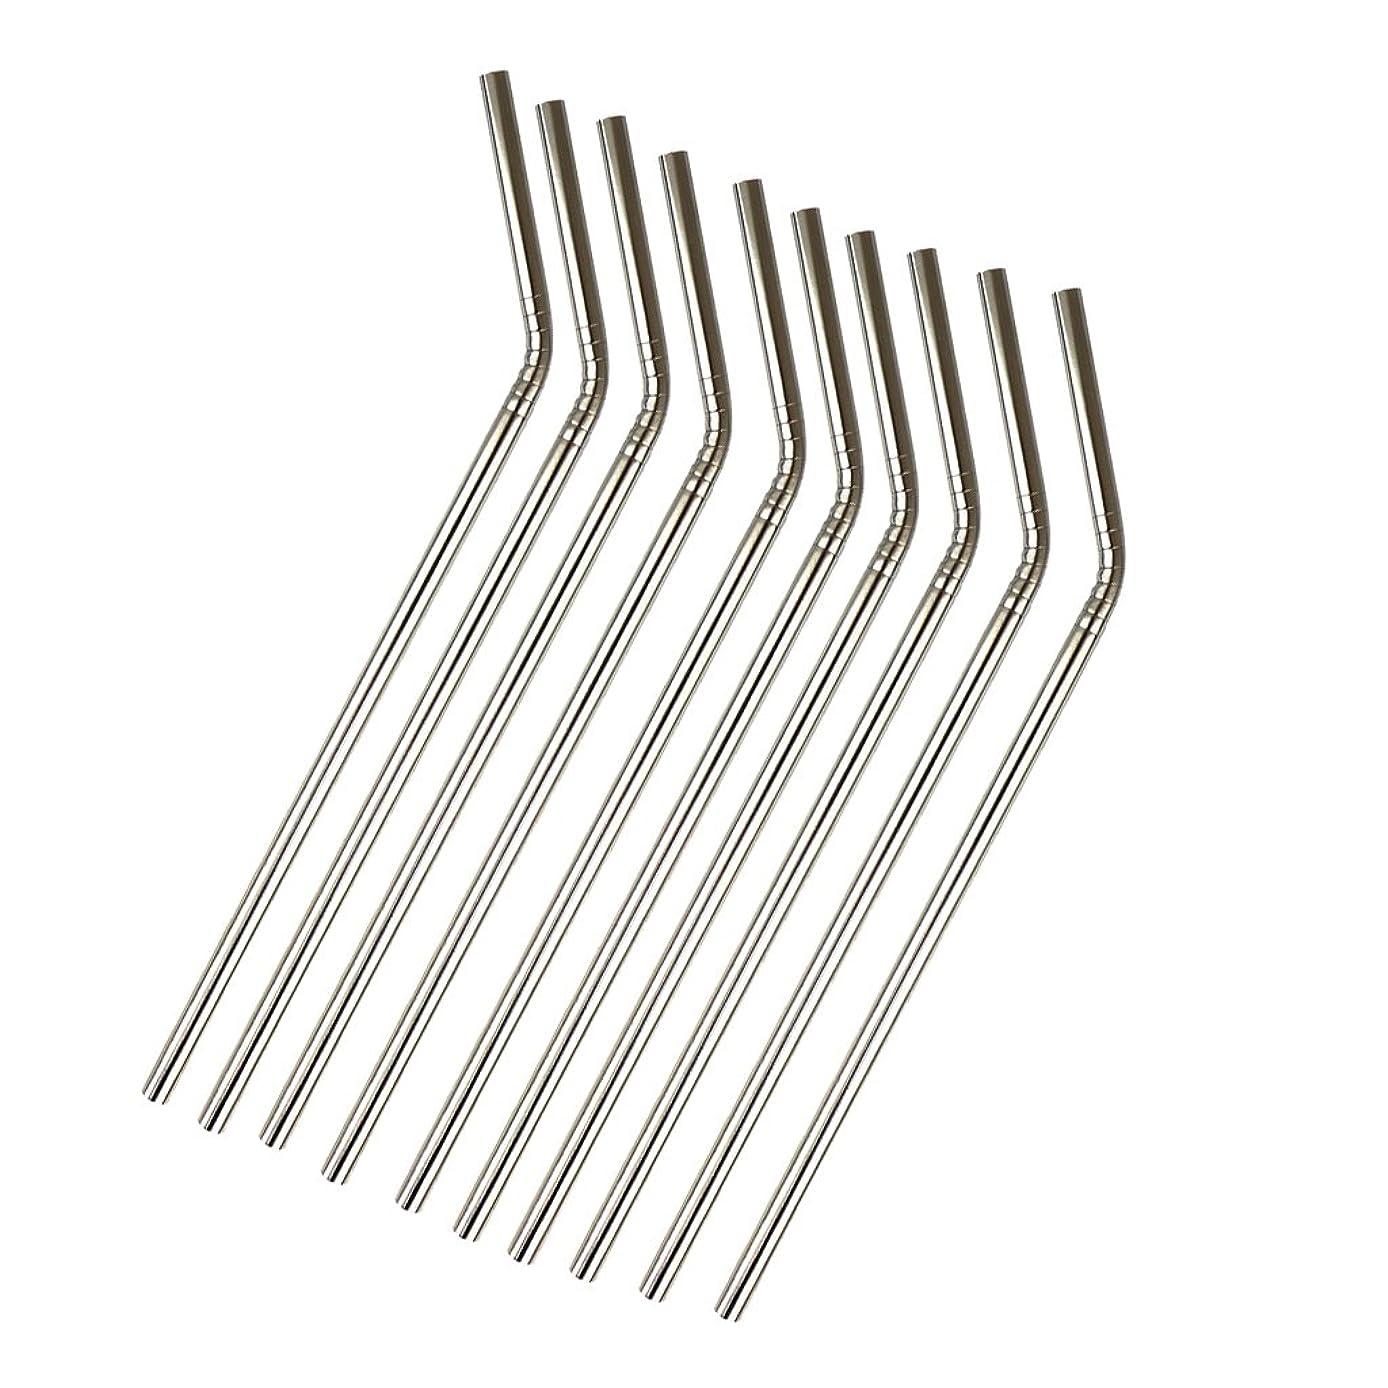 認める暴徒ヒロインHomyl 10個入り 飲料ストロー 大人気 高級感 金属ステンレス鋼ストロー製 ユニークデザイン 曲がり 金属味なし 21.5cm 高品質